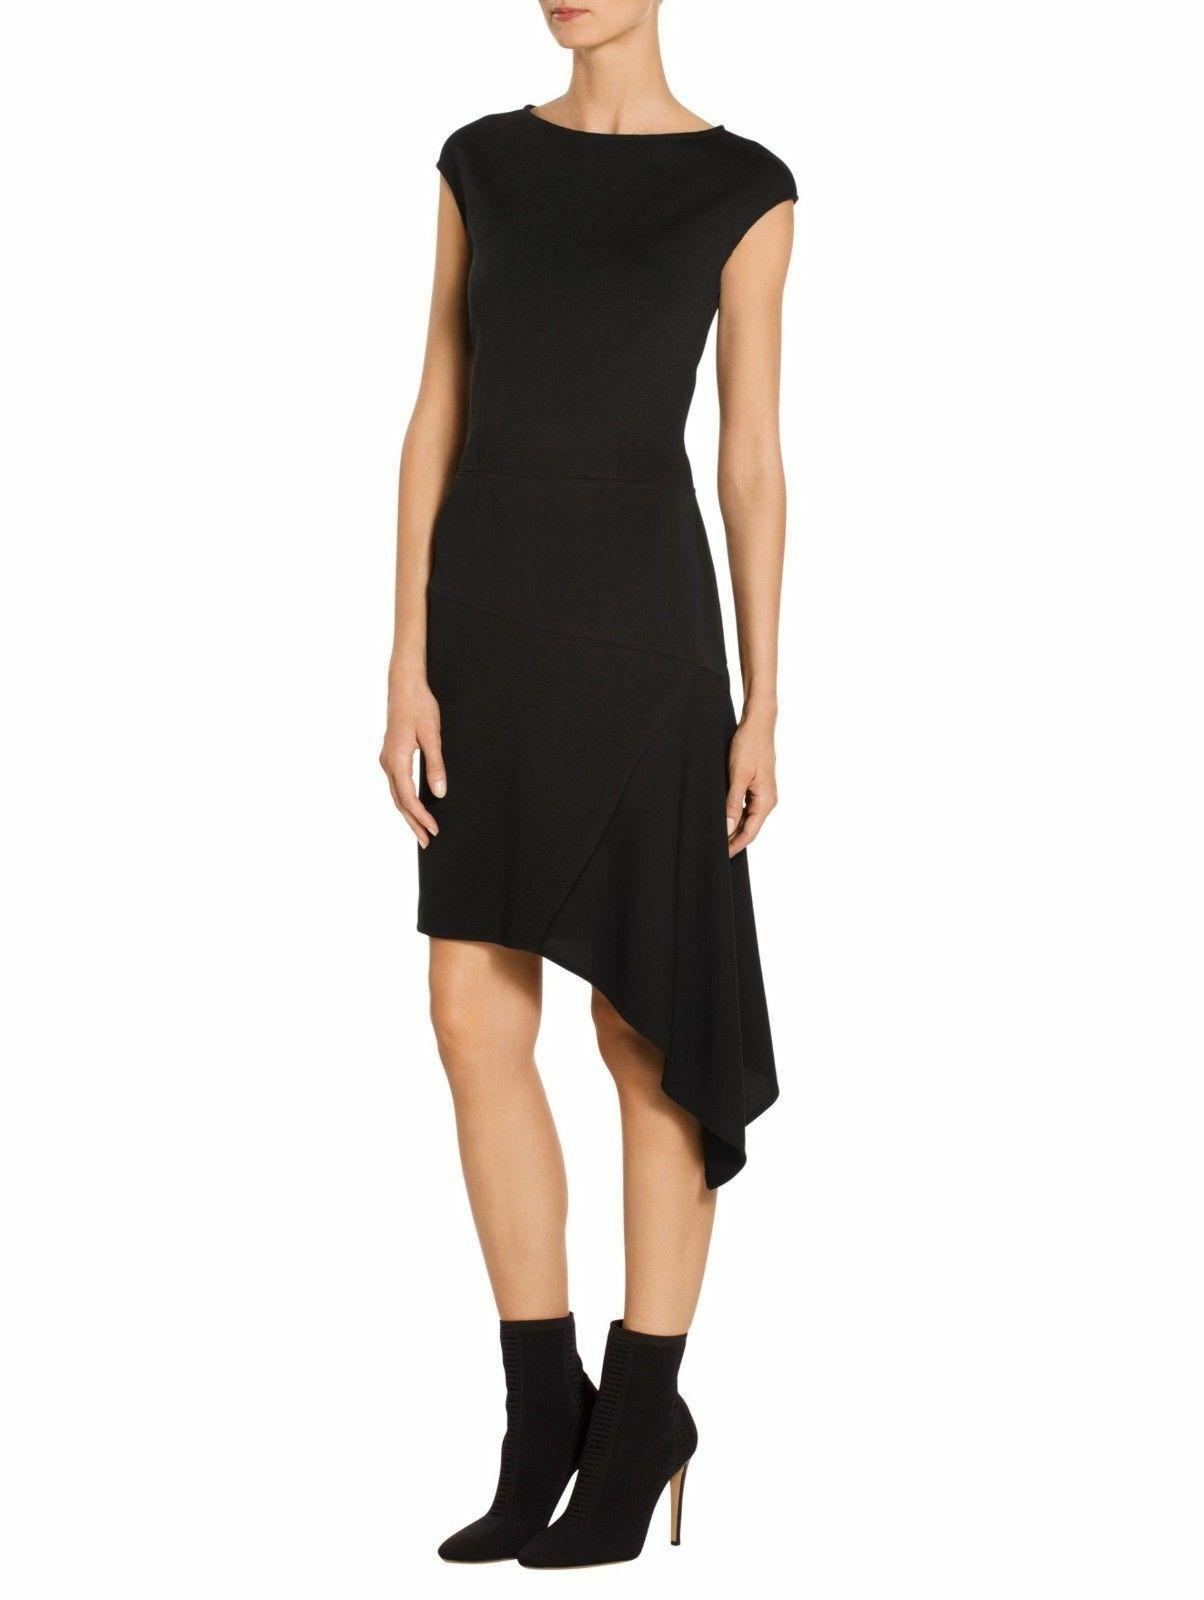 Nwt St.John Asymmetrisch Milano Scheide Schwarz Strick Kleid Größe 10   995